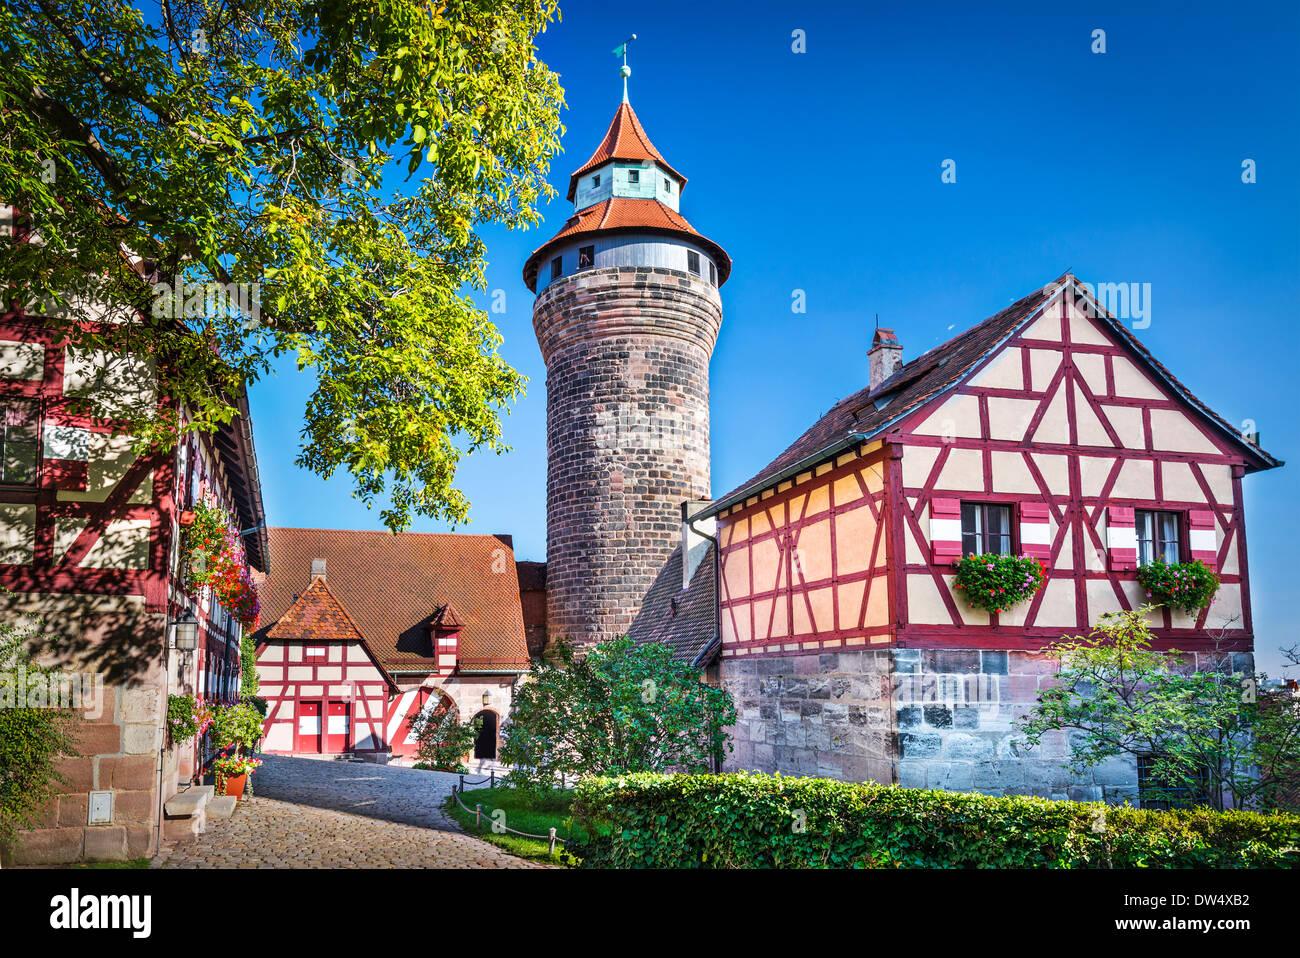 Il Castello di Norimberga a Norimberga, Germania. Immagini Stock